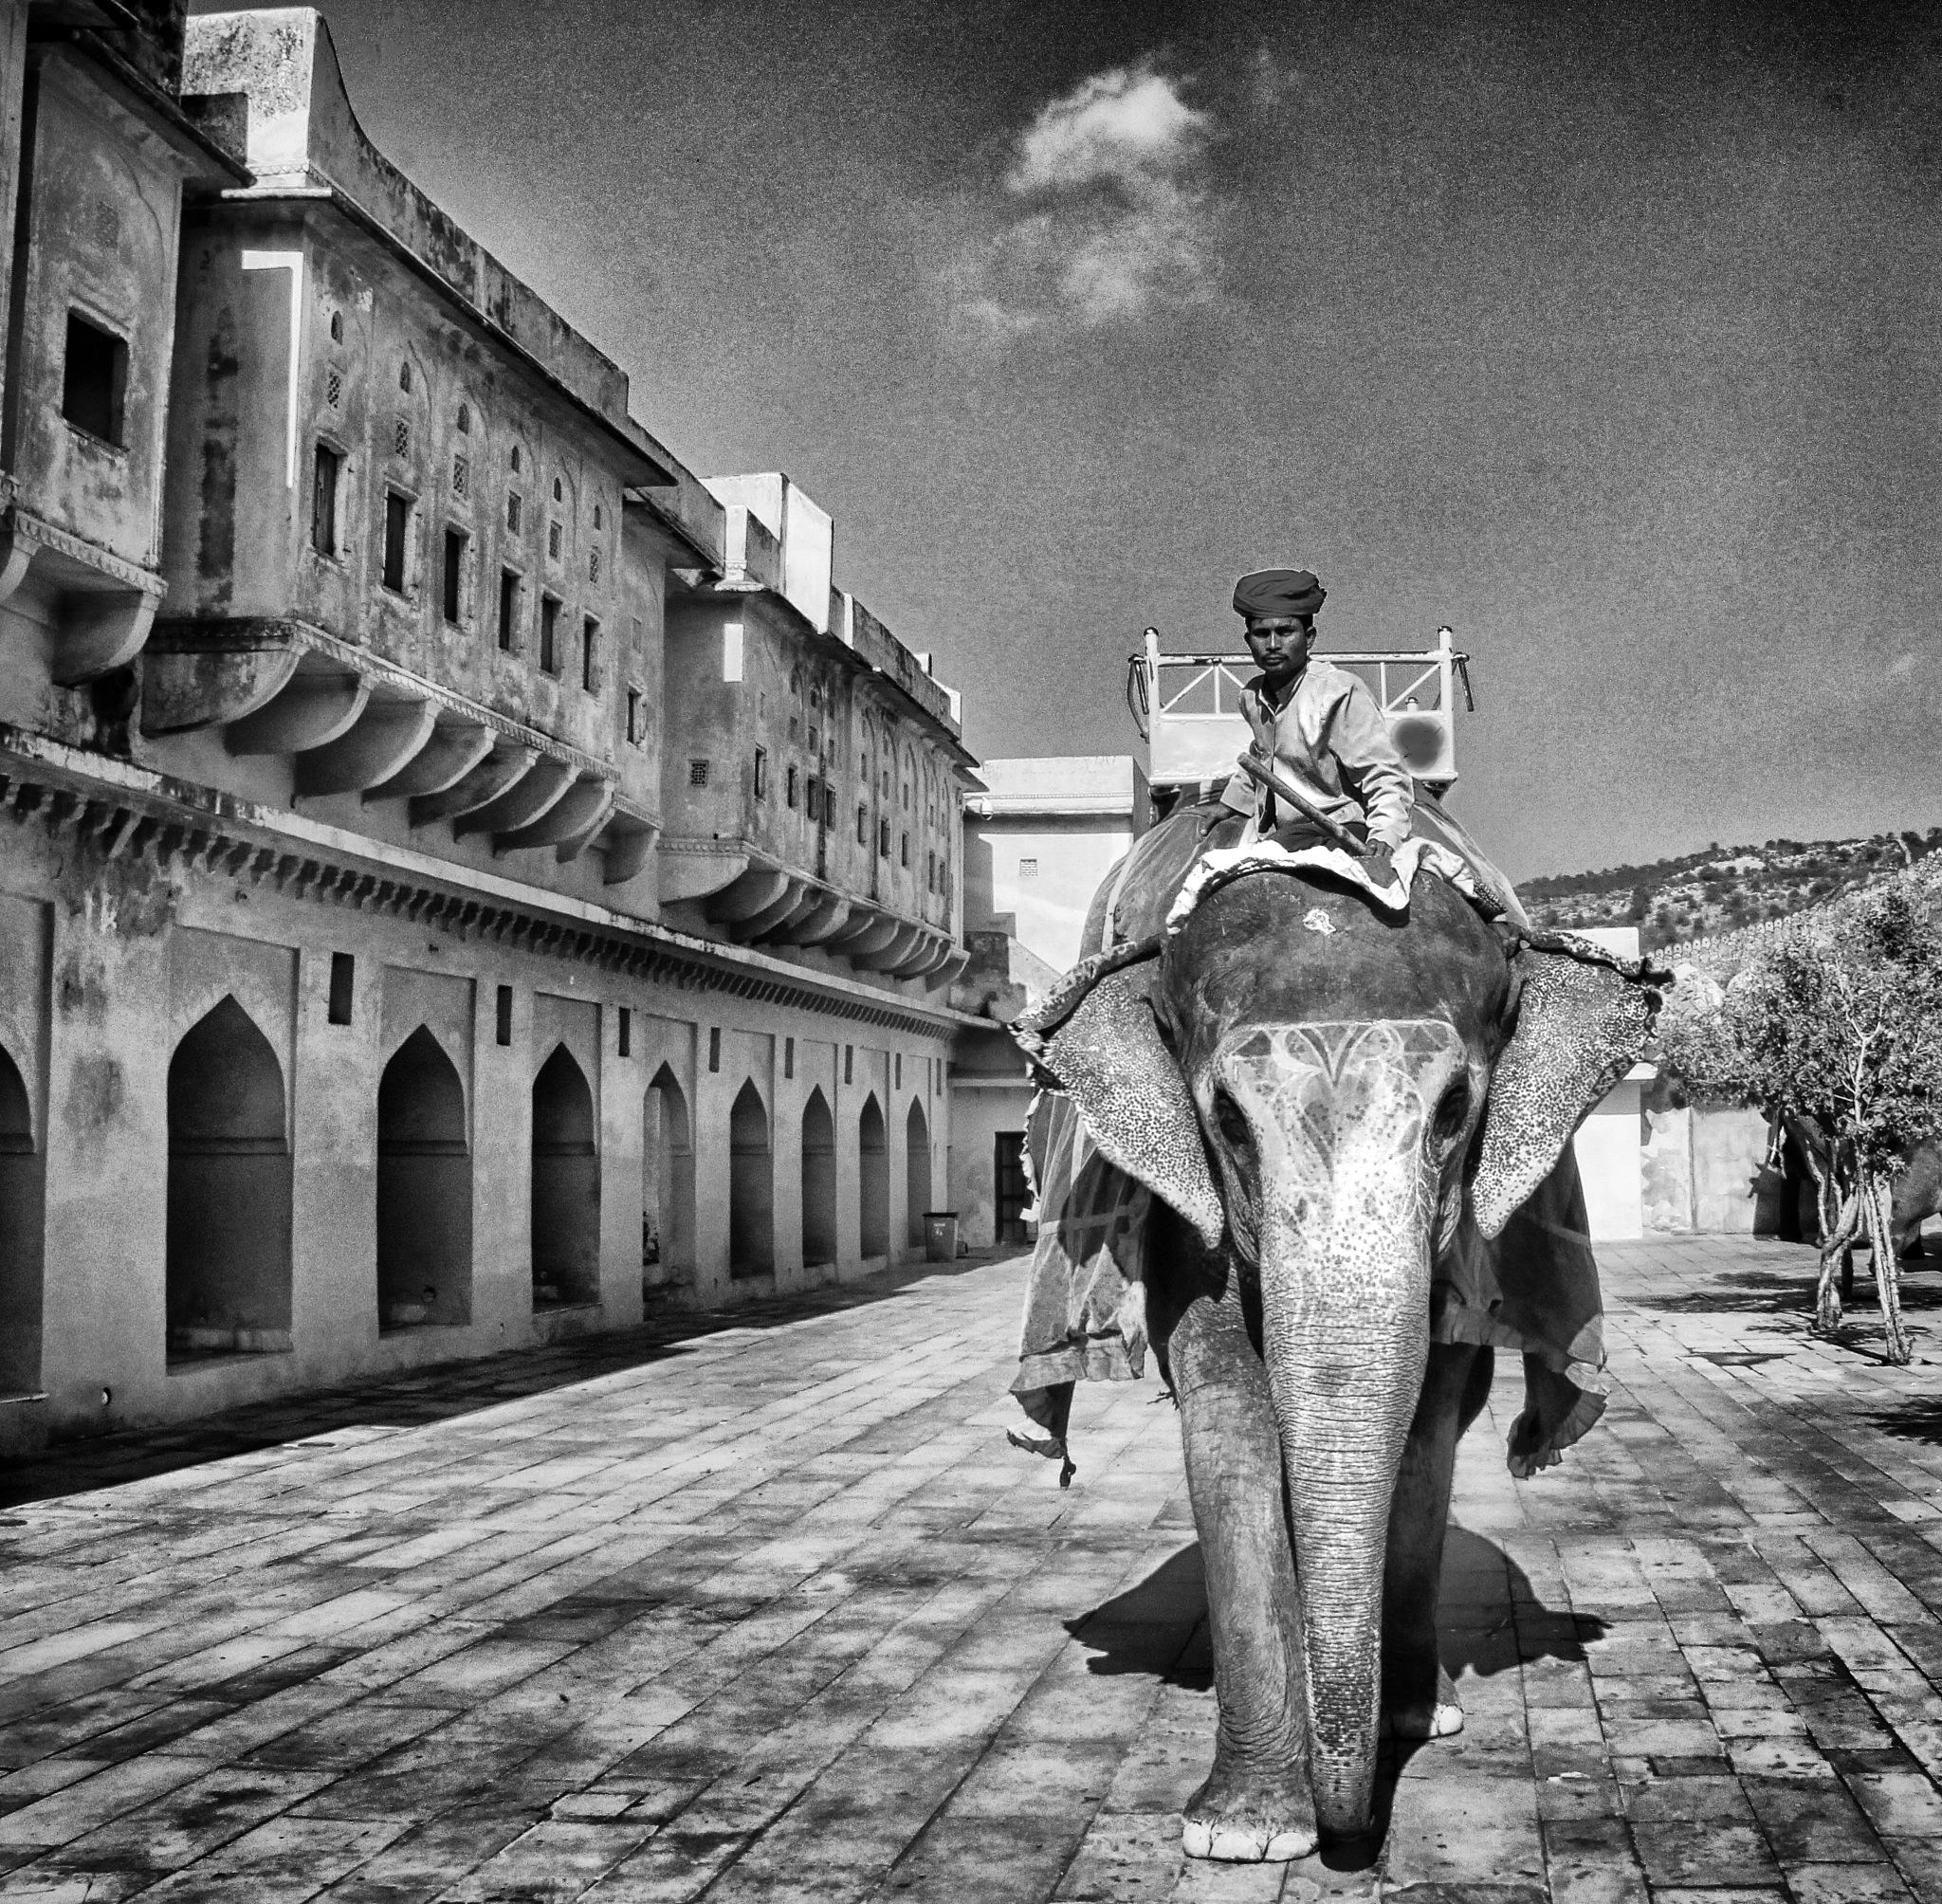 elephant by erdinc senyurek